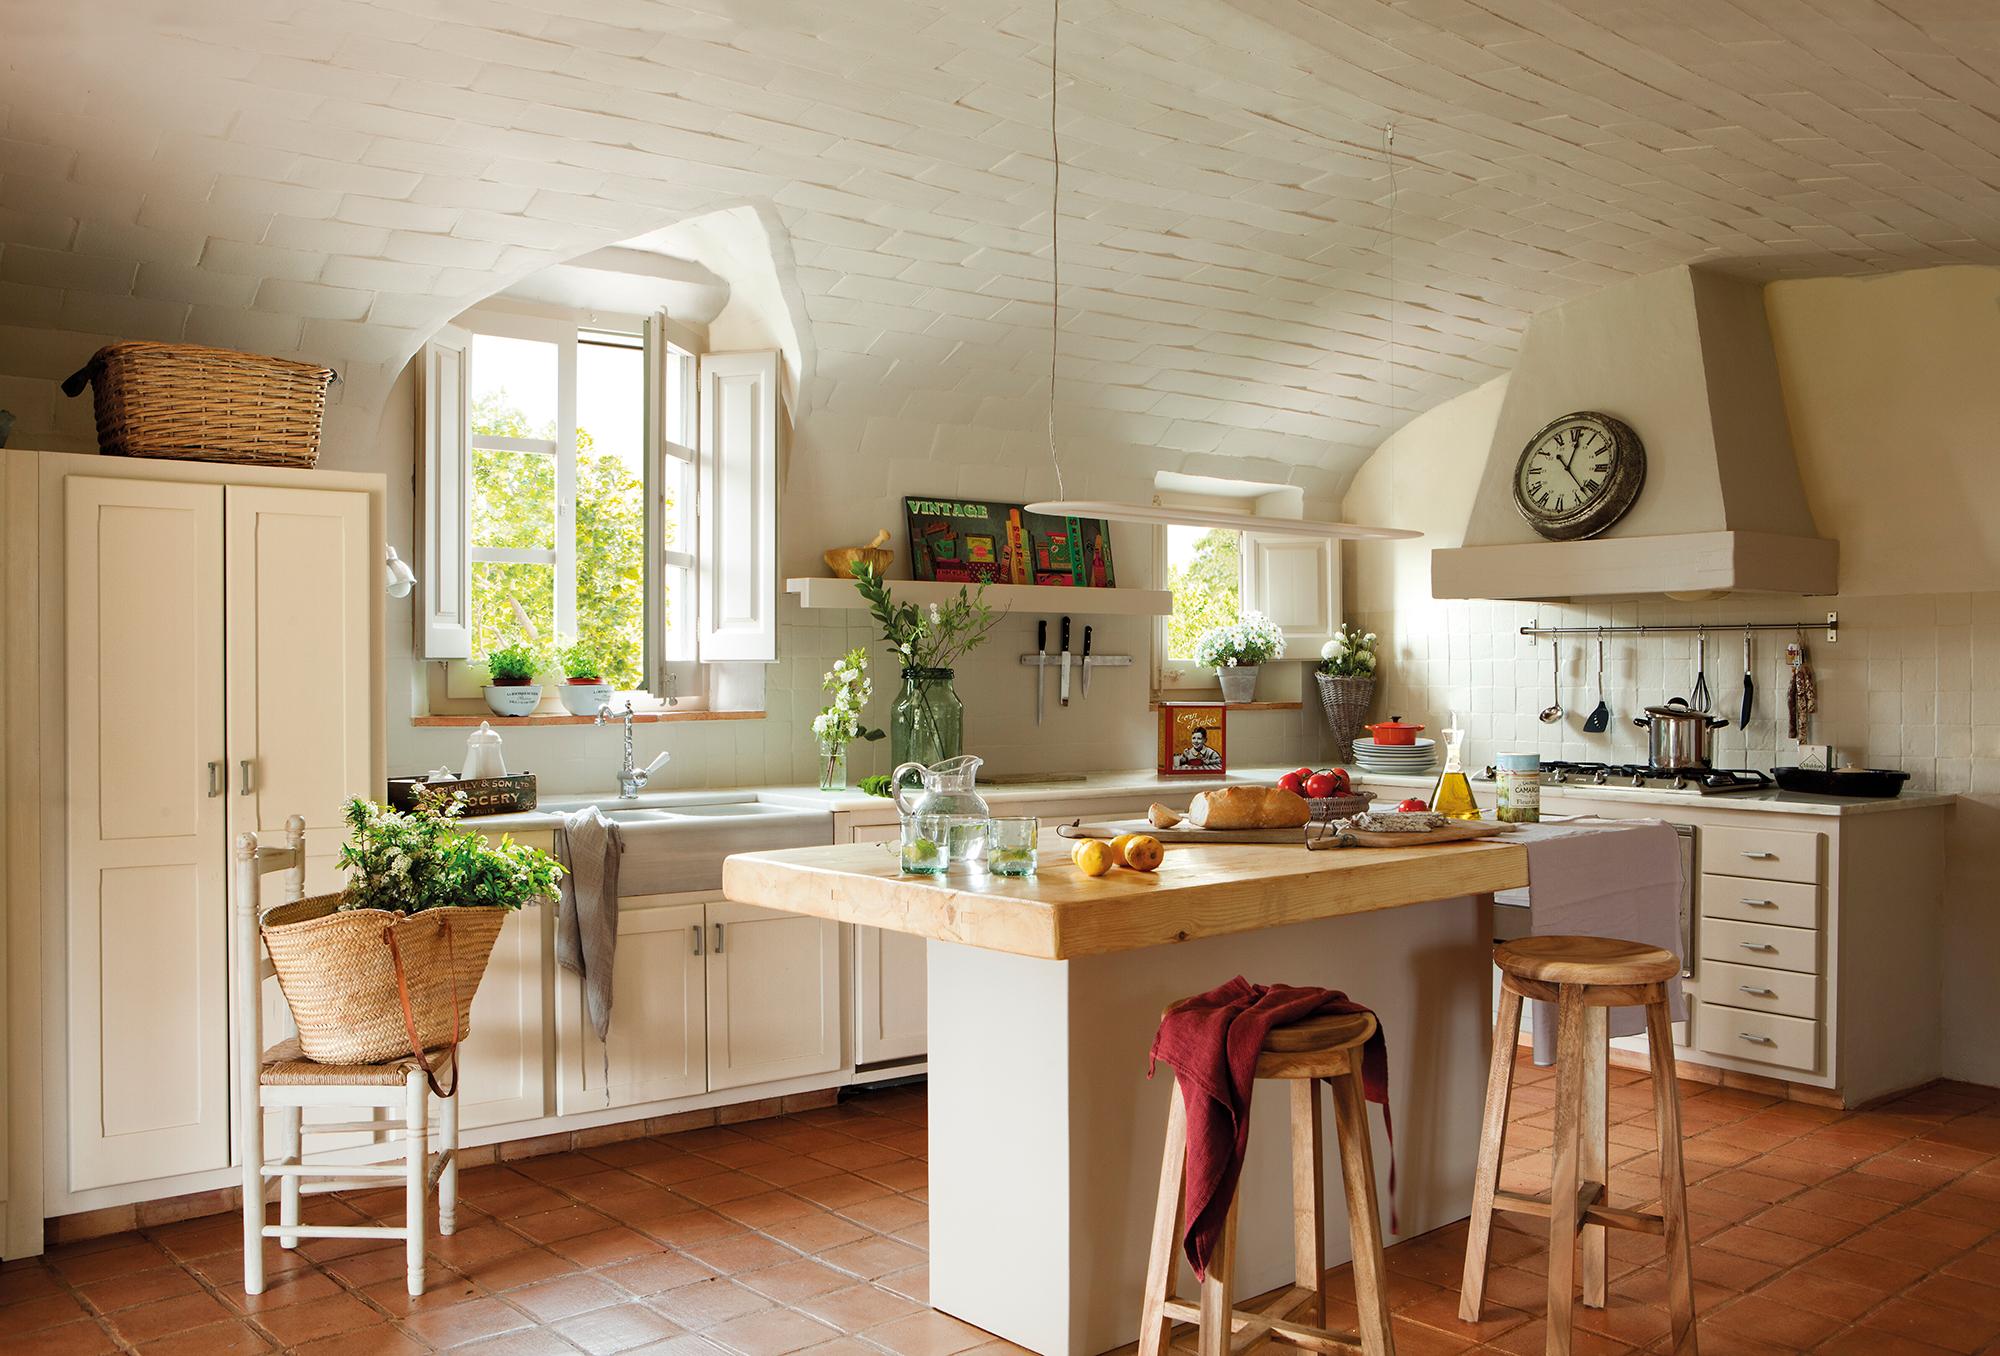 Cocina cuadrada beautiful espacios que inspiran una for Distribuir cocina cuadrada